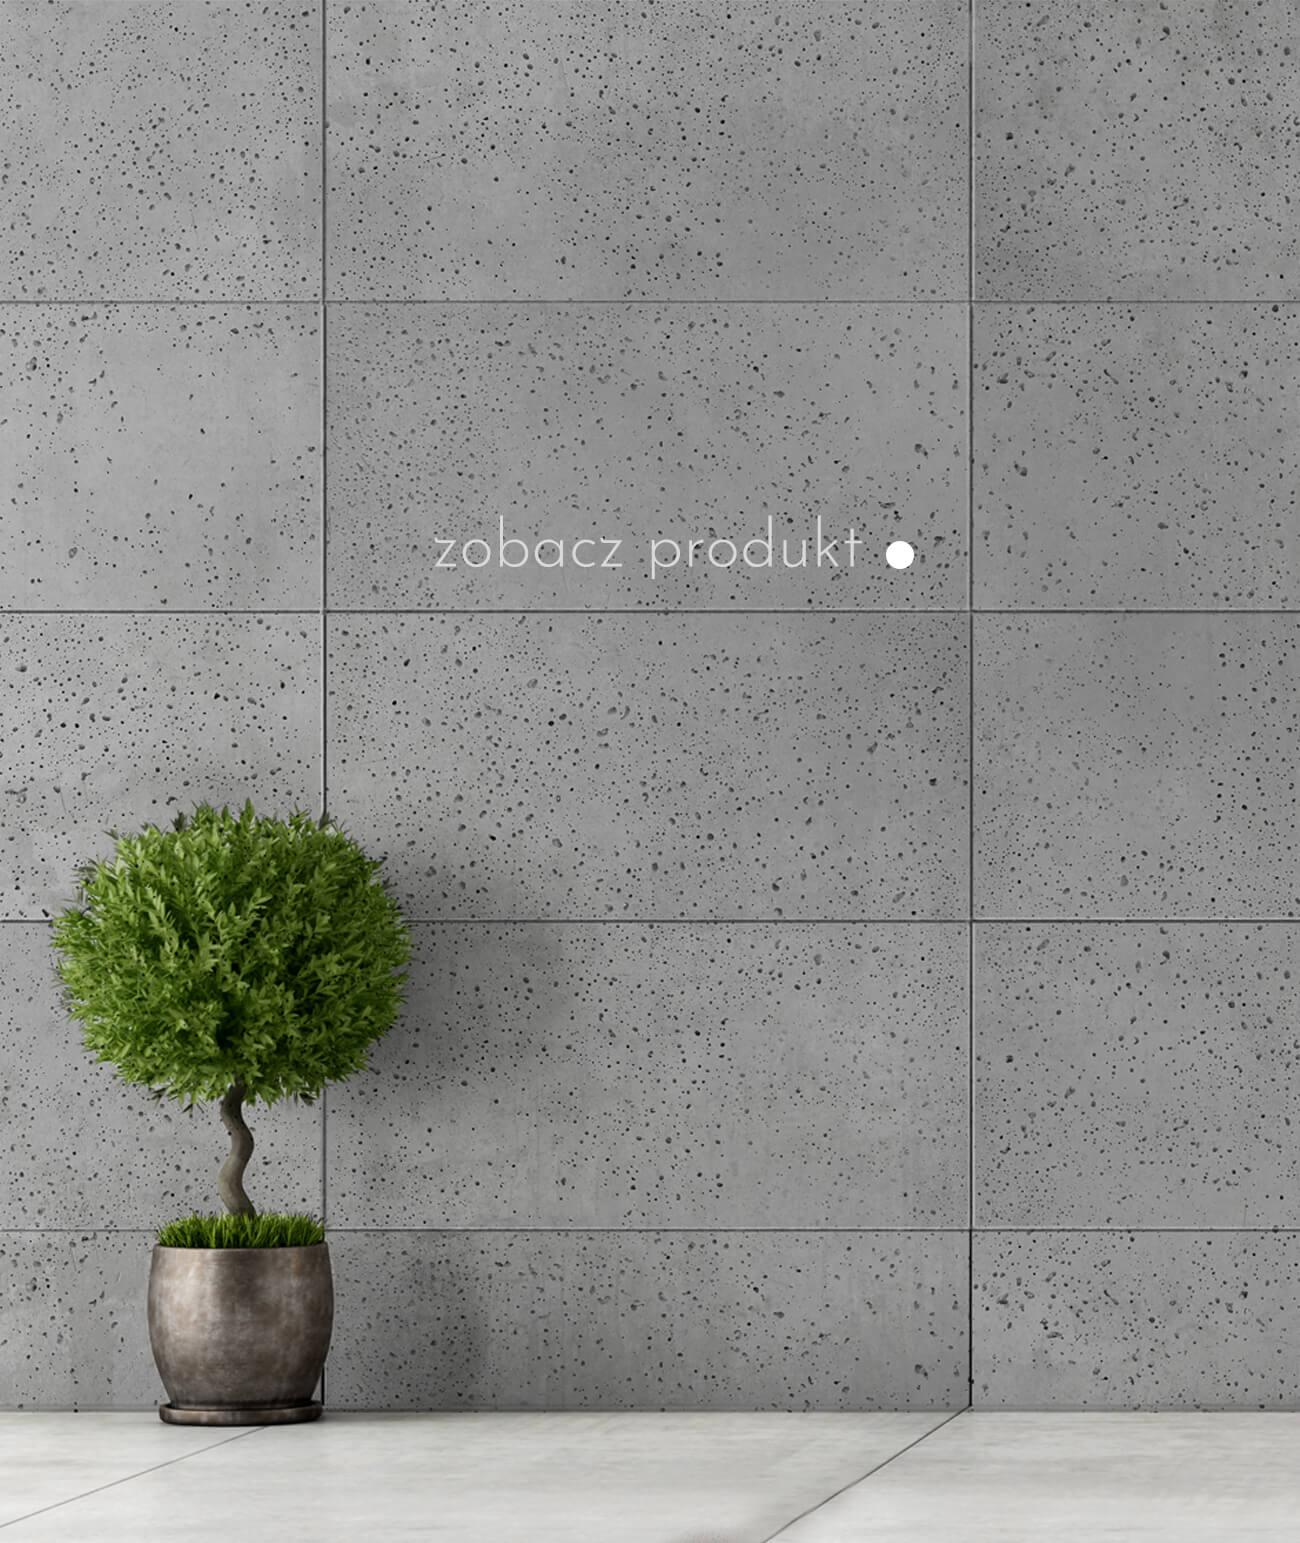 plyty-betonowe-scienne-i-elewacyjne-beton-architektoniczny_1090-23897-ds-szary---plyta-beton-architektoniczny-grc-rozne-wymiary-ultralekka